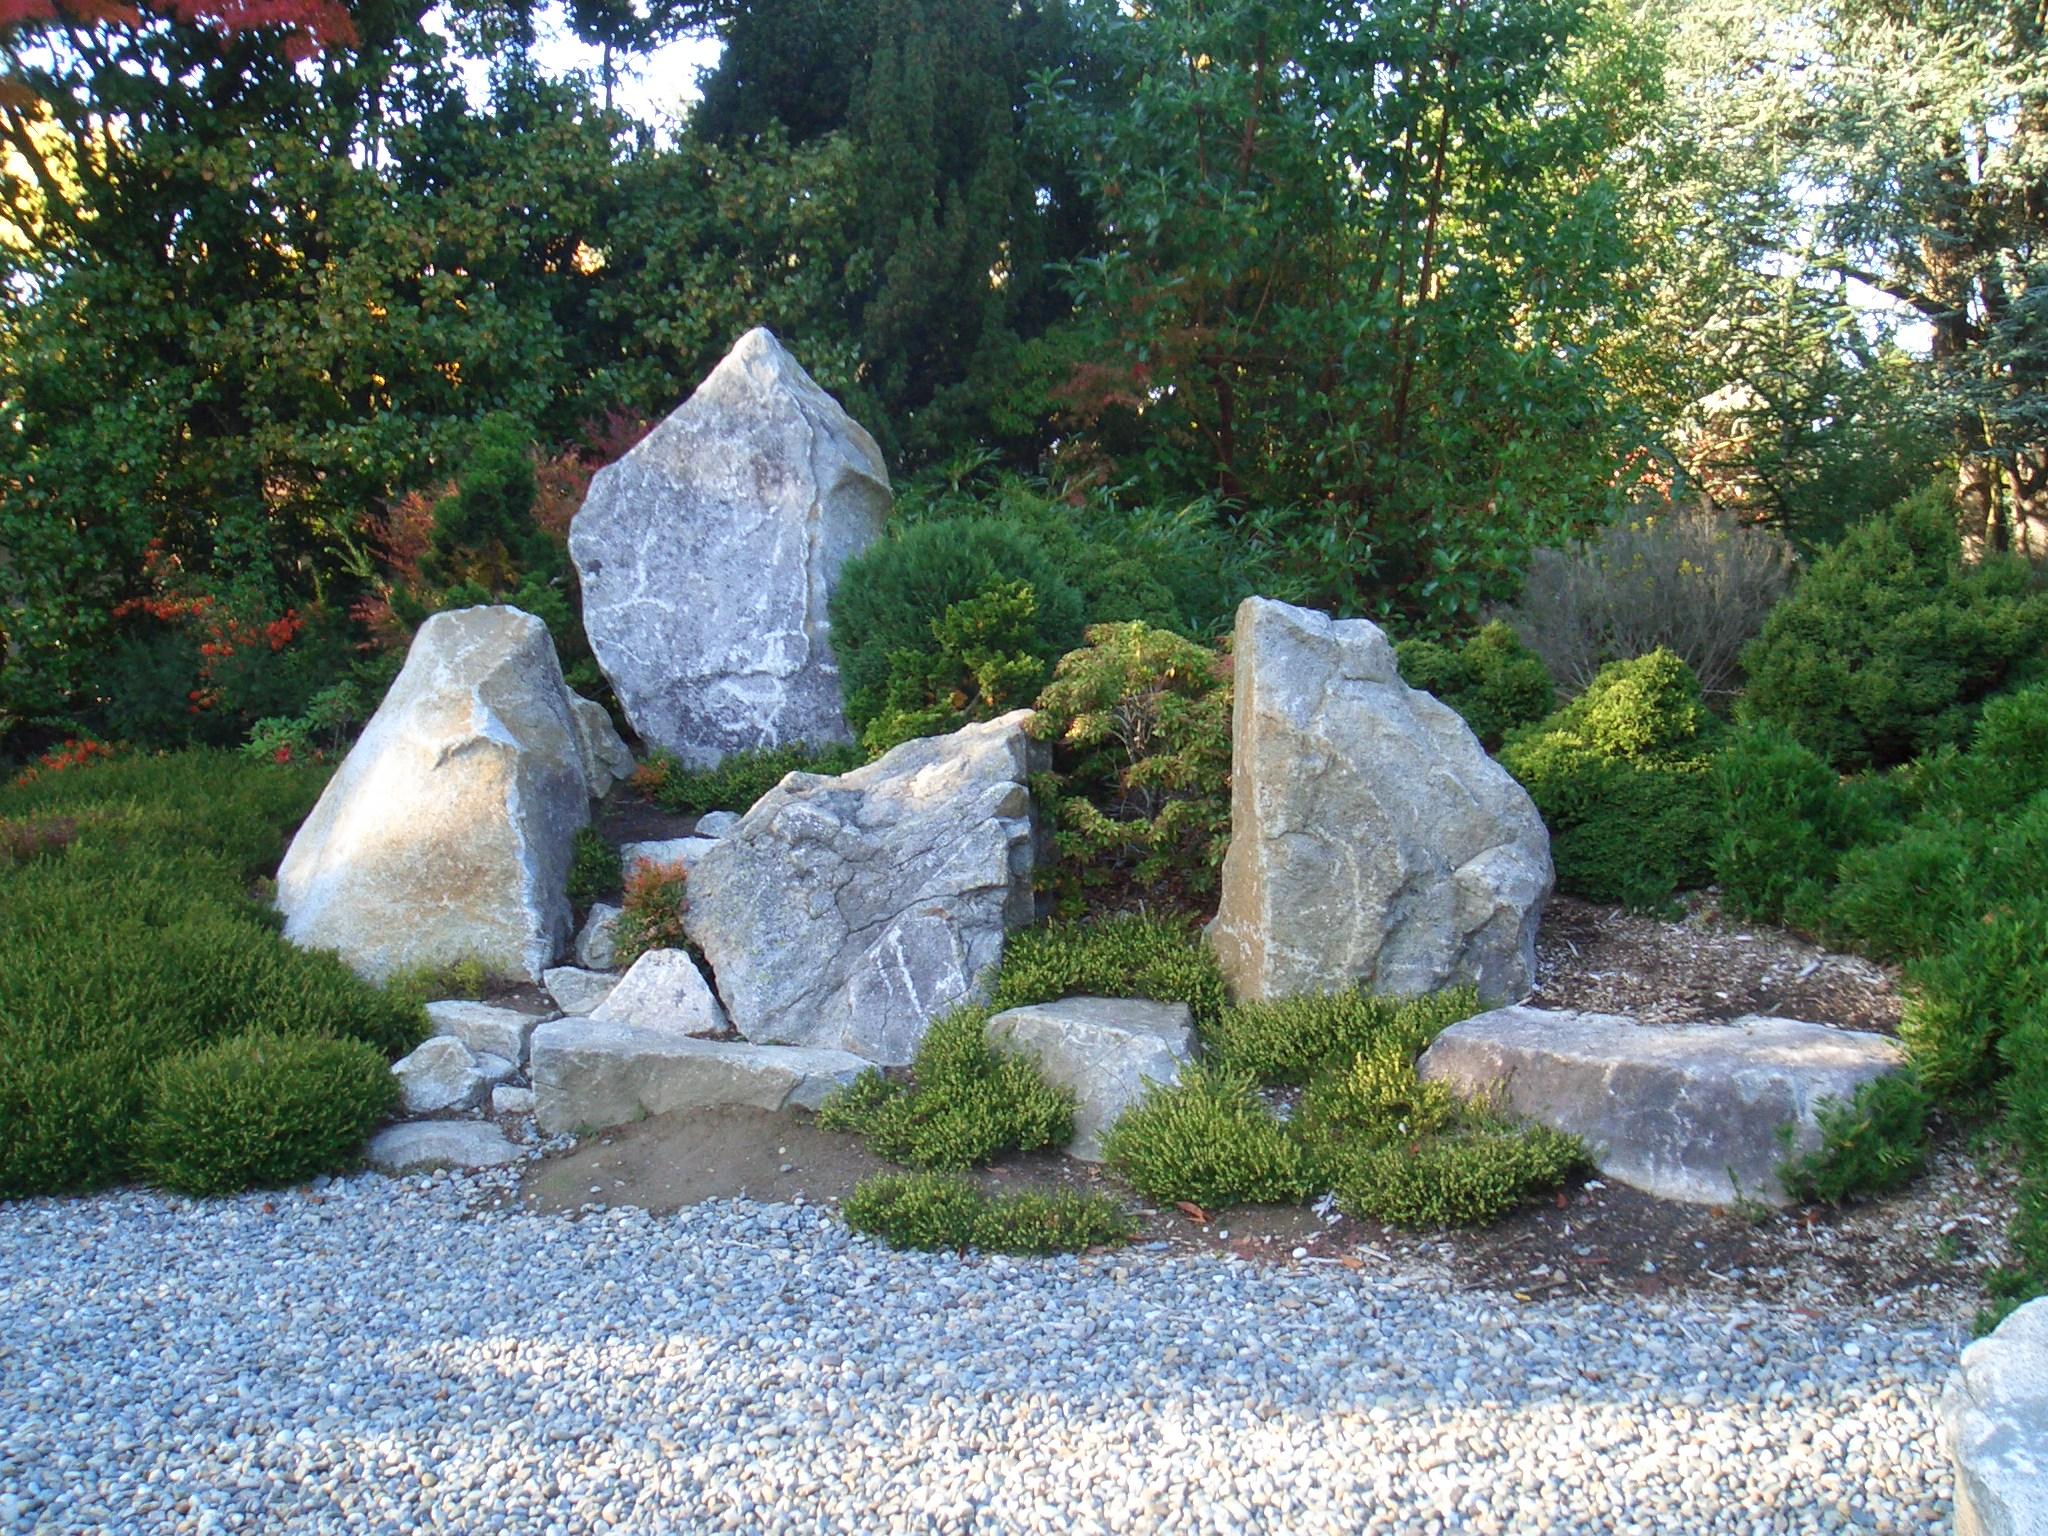 08 Oct 23 Seattle 13 Kubota Garden Stone